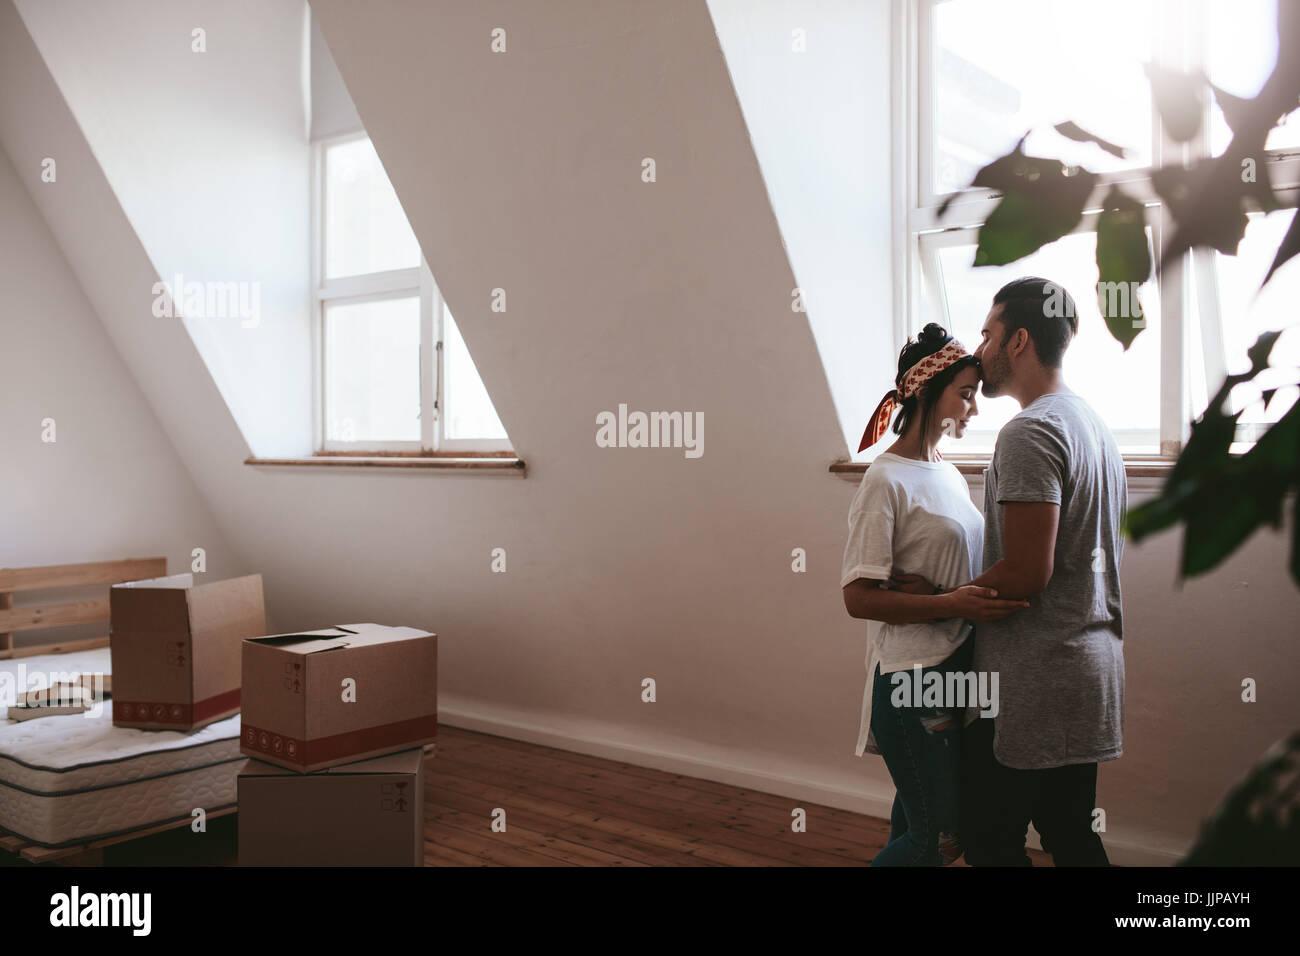 Filmación en interiores de amorosa pareja joven mudarse a su nuevo hogar. El hombre y la mujer en el amor parados Imagen De Stock